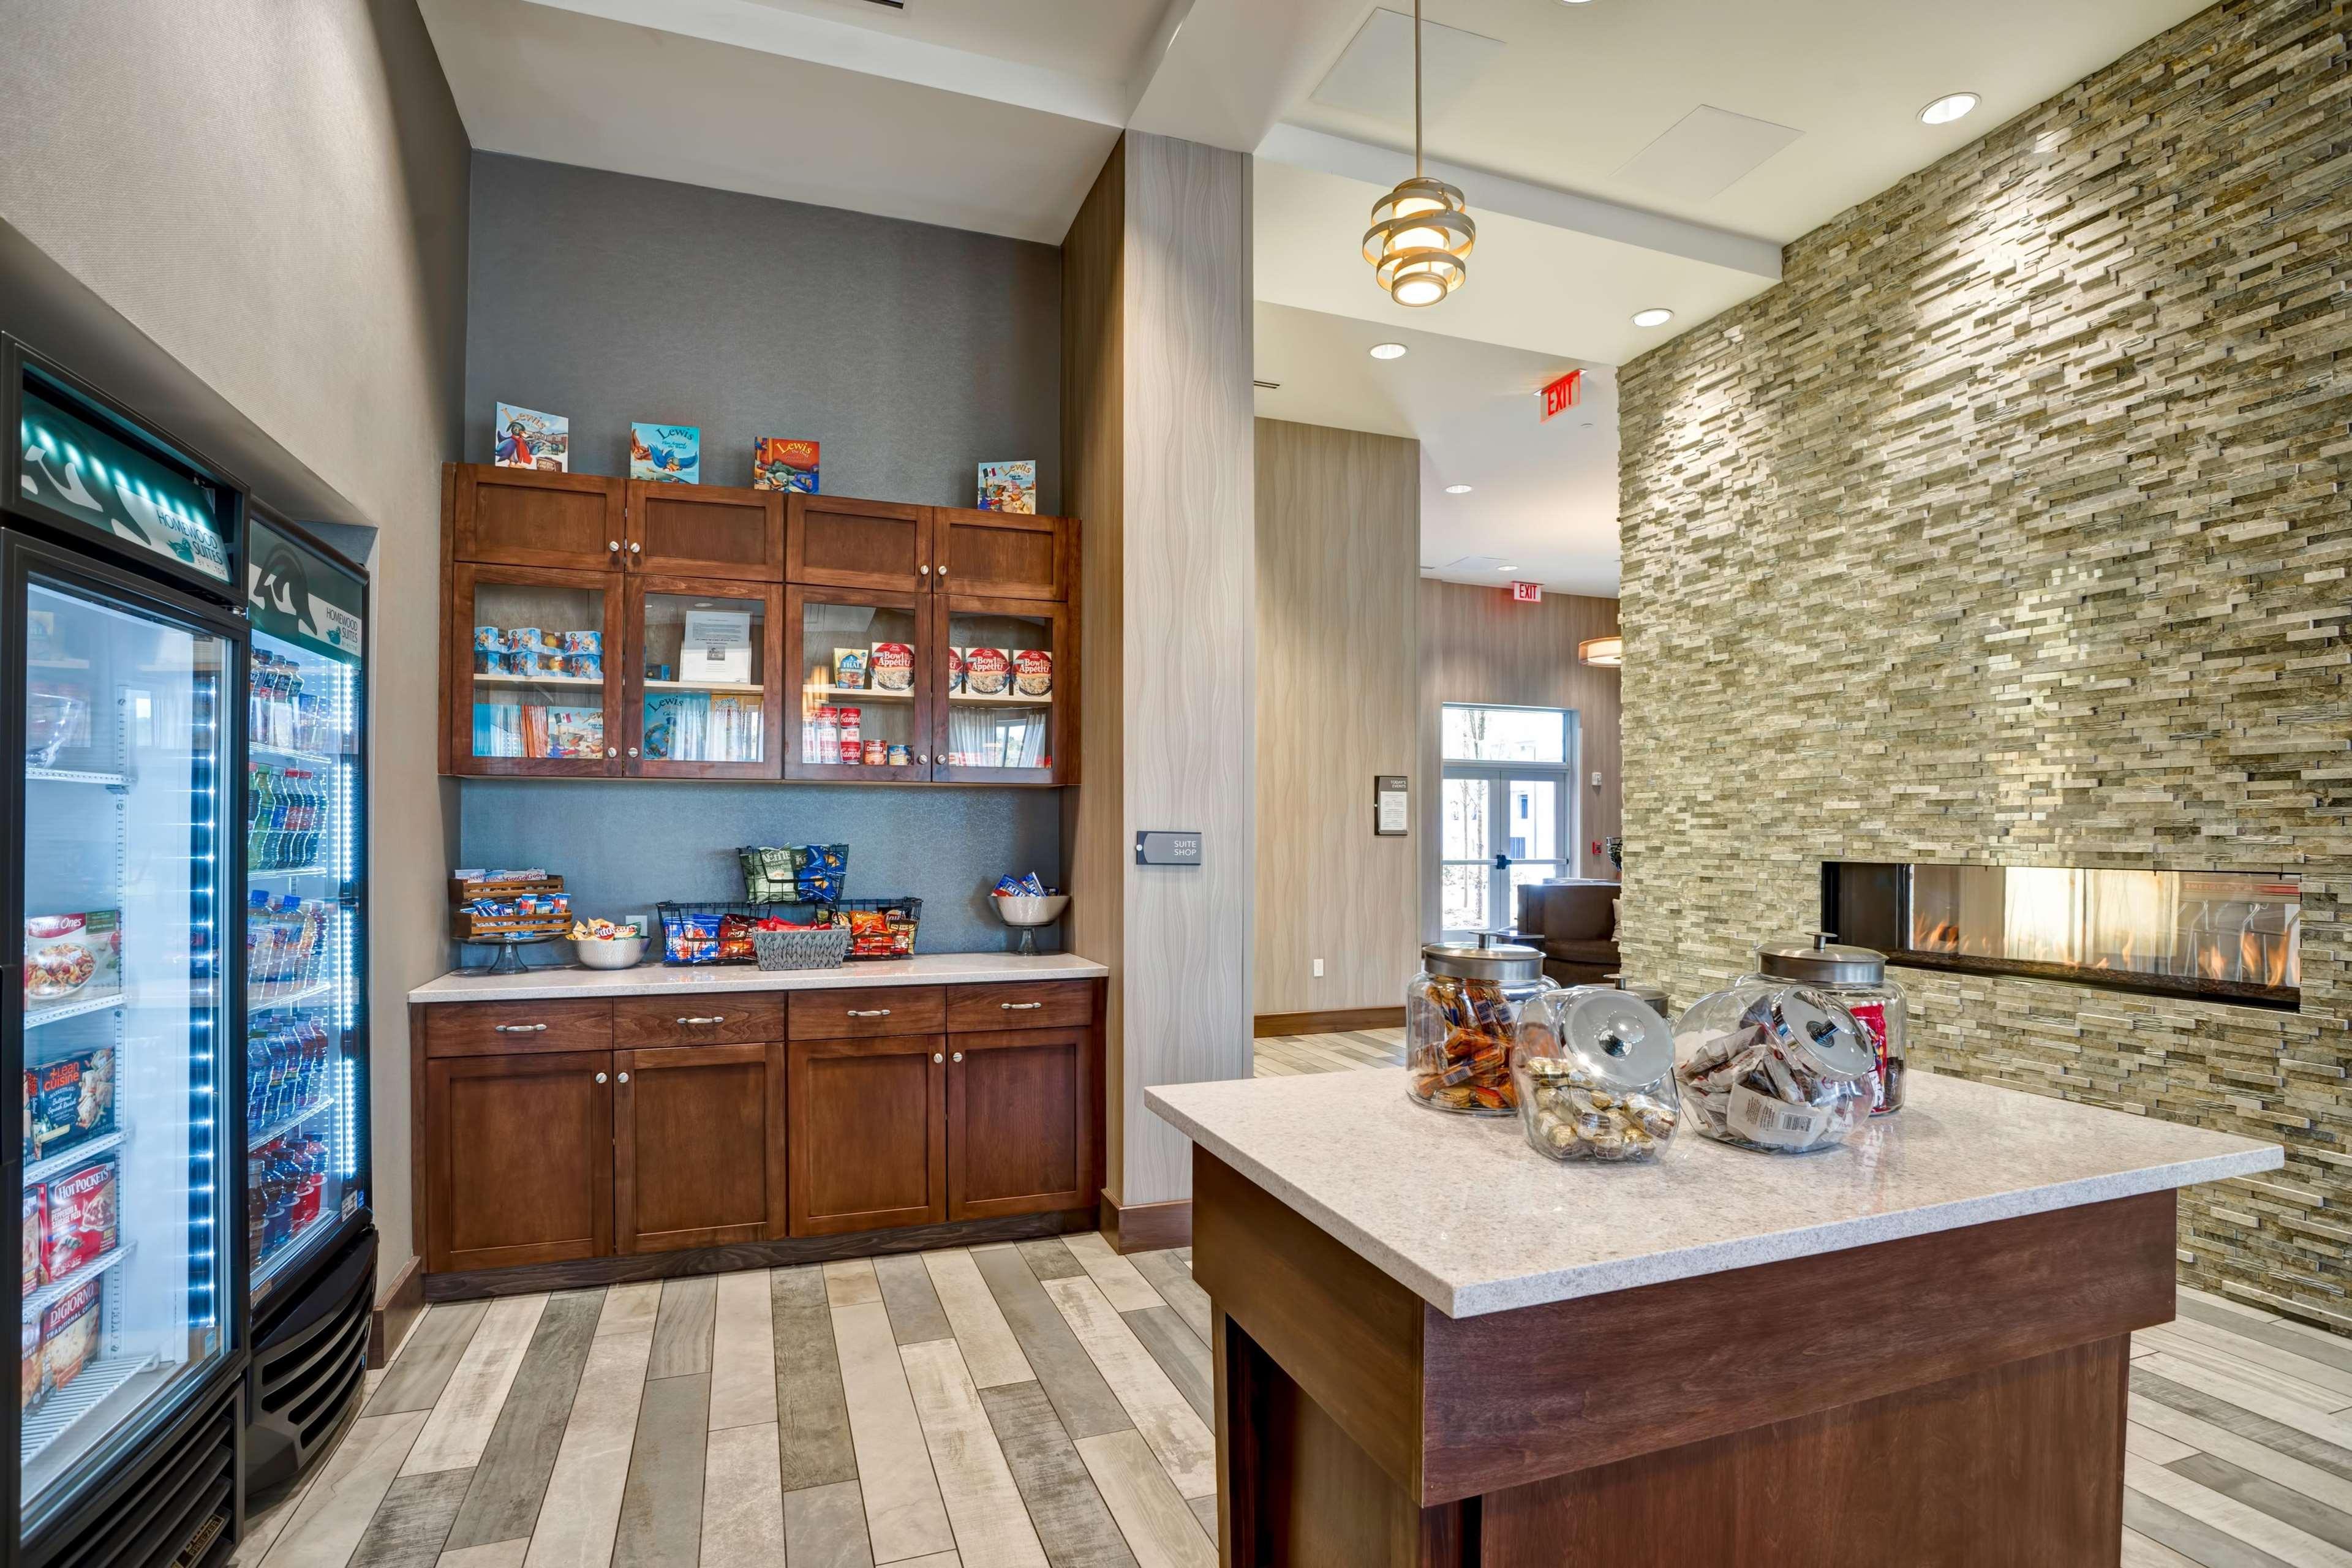 Homewood Suites by Hilton Nashville Franklin Cool Springs image 48